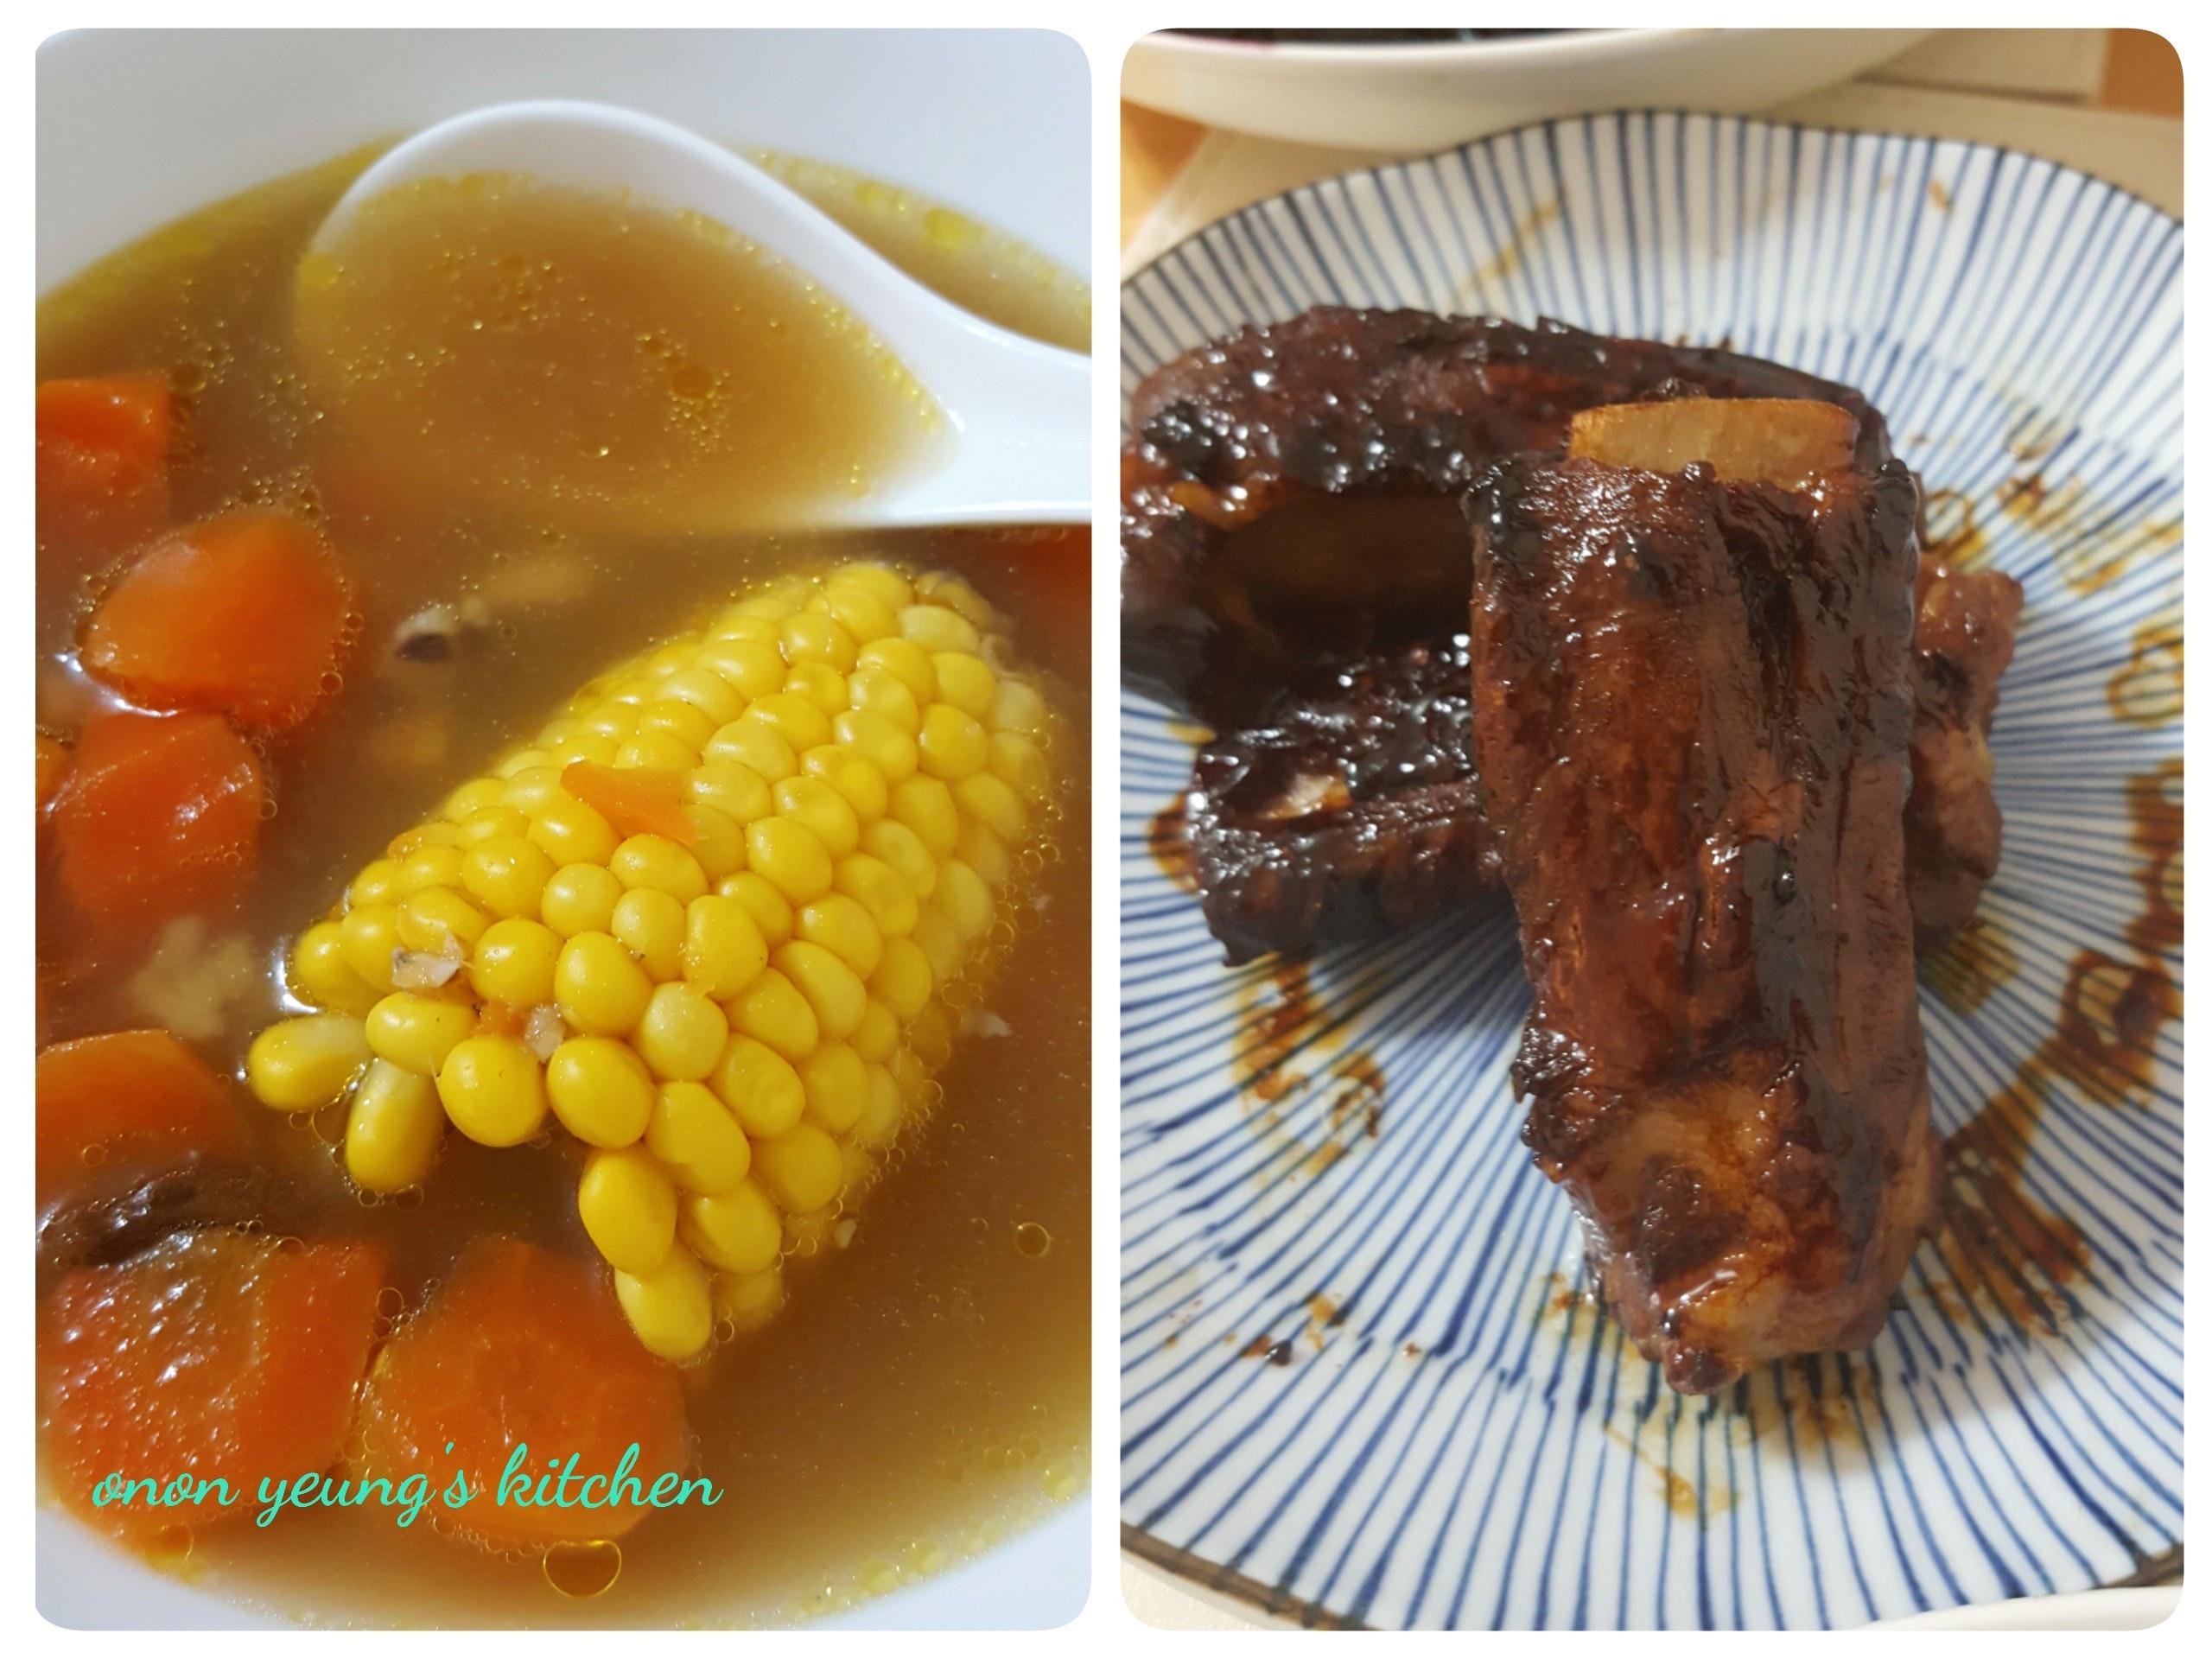 紅蘿蔔玉米排骨湯 併醬燒排骨。家常湯水